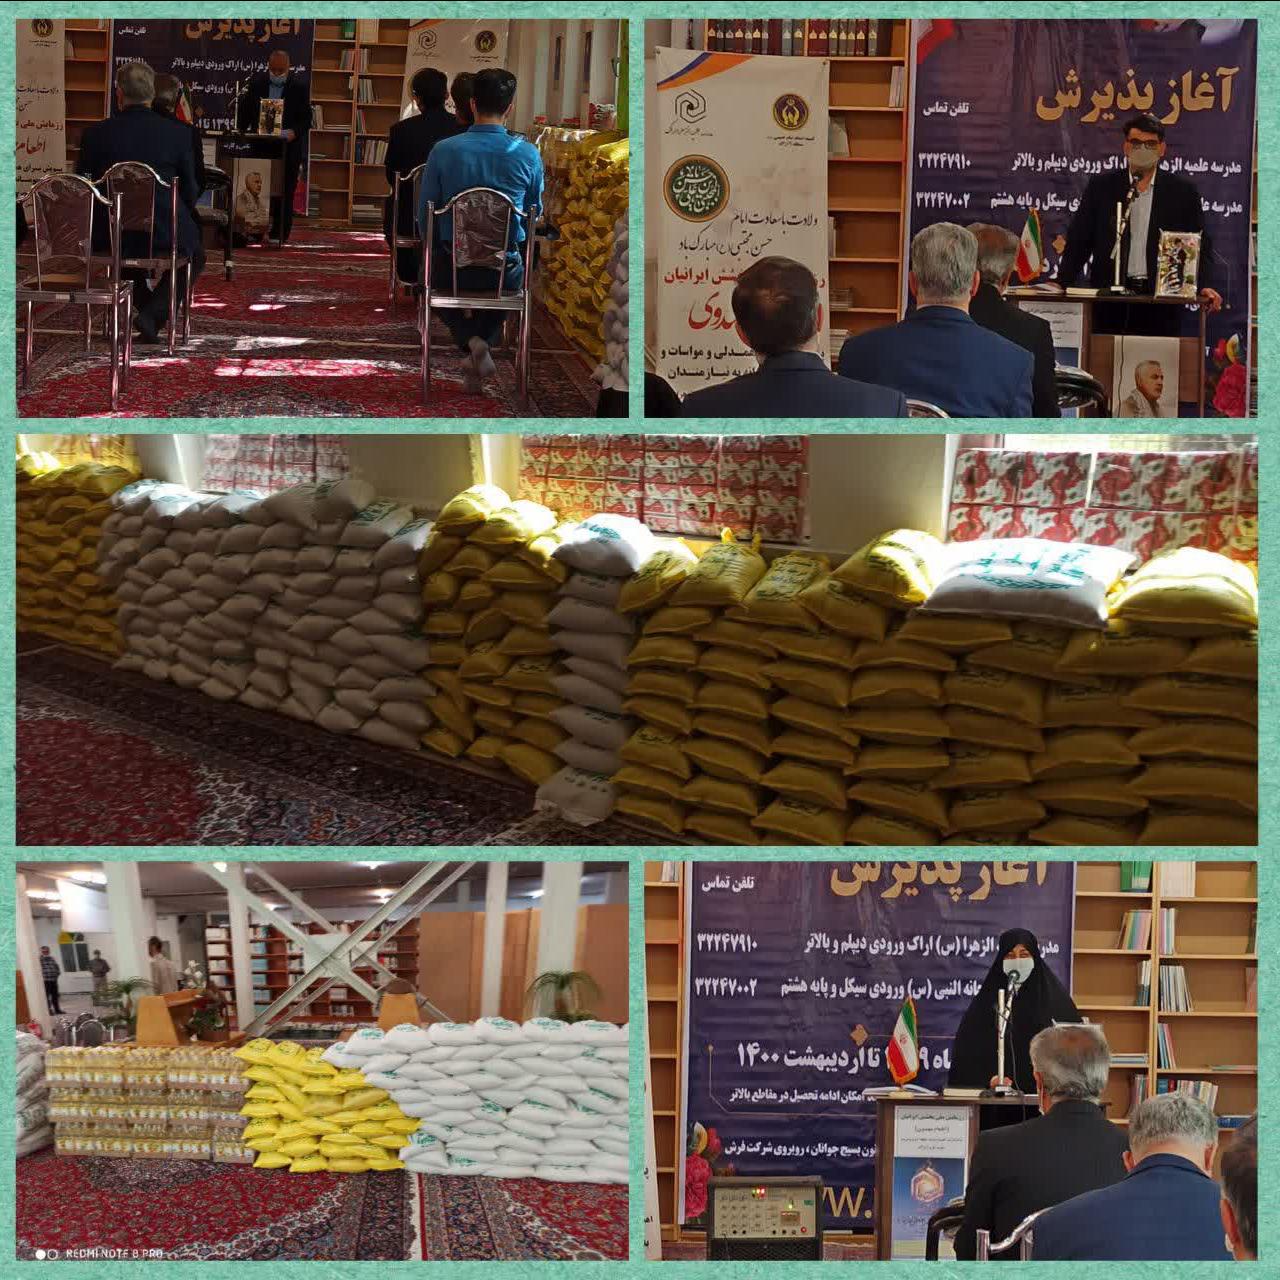 طلاب مدرسه علمیه الزهرا(س) اراک به کمک نیازمندان شتافتند